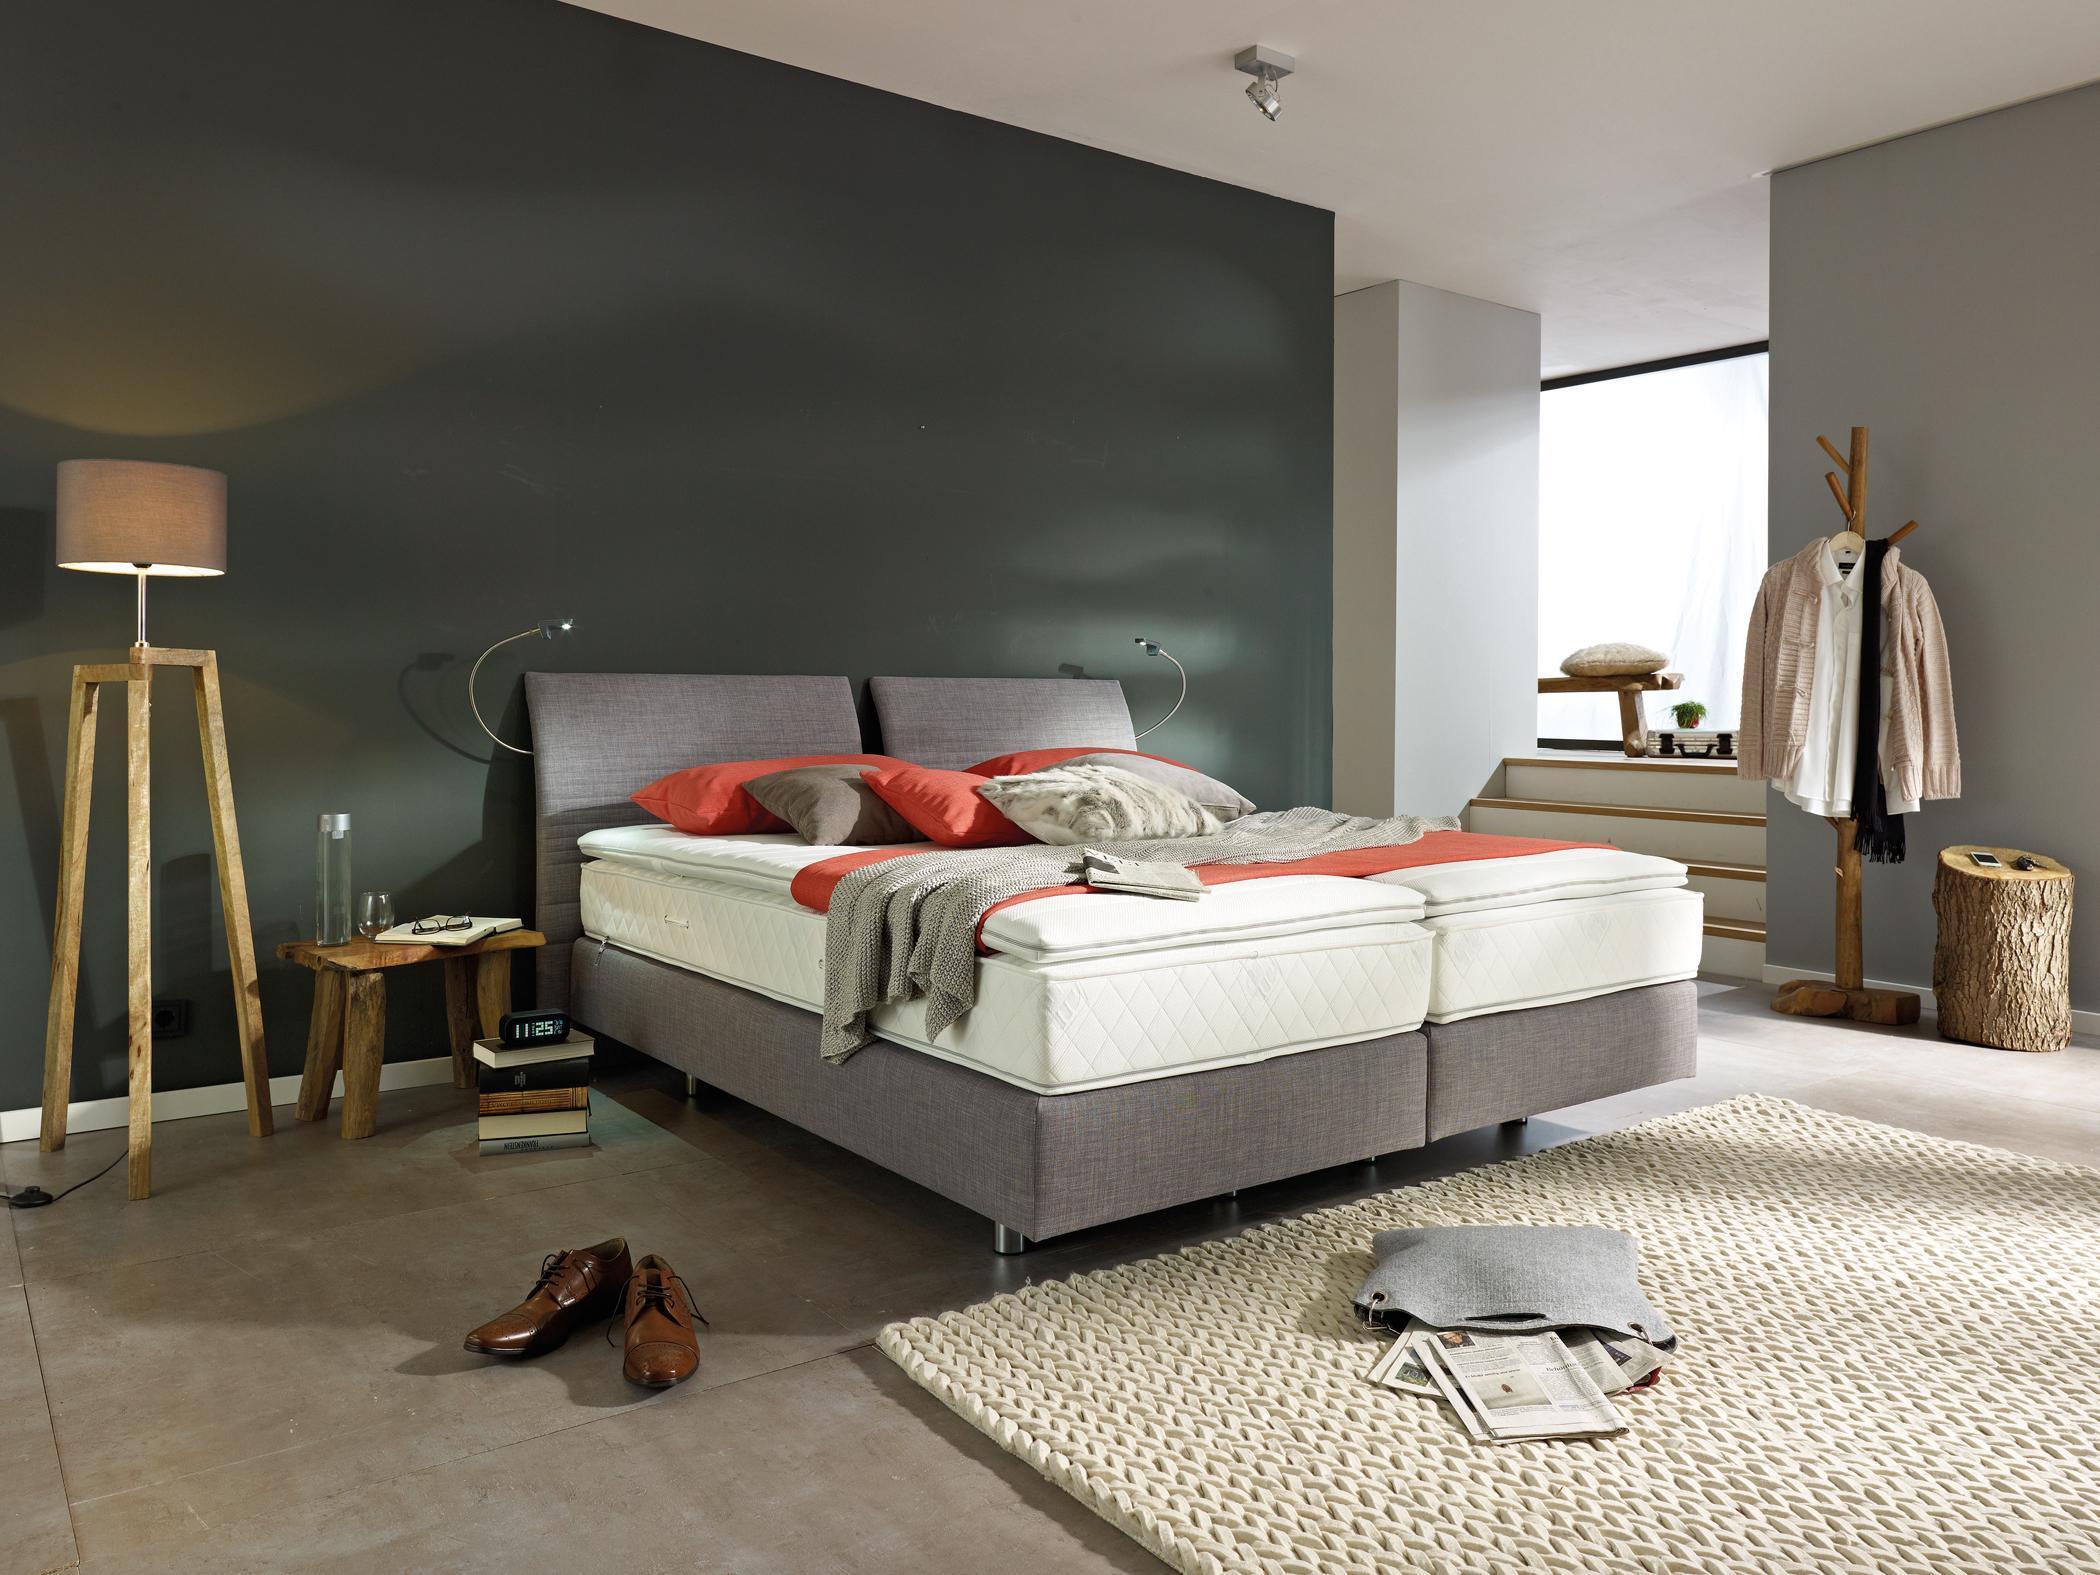 Boxspringbett im klassischen Schlafzimmer #teppich #...